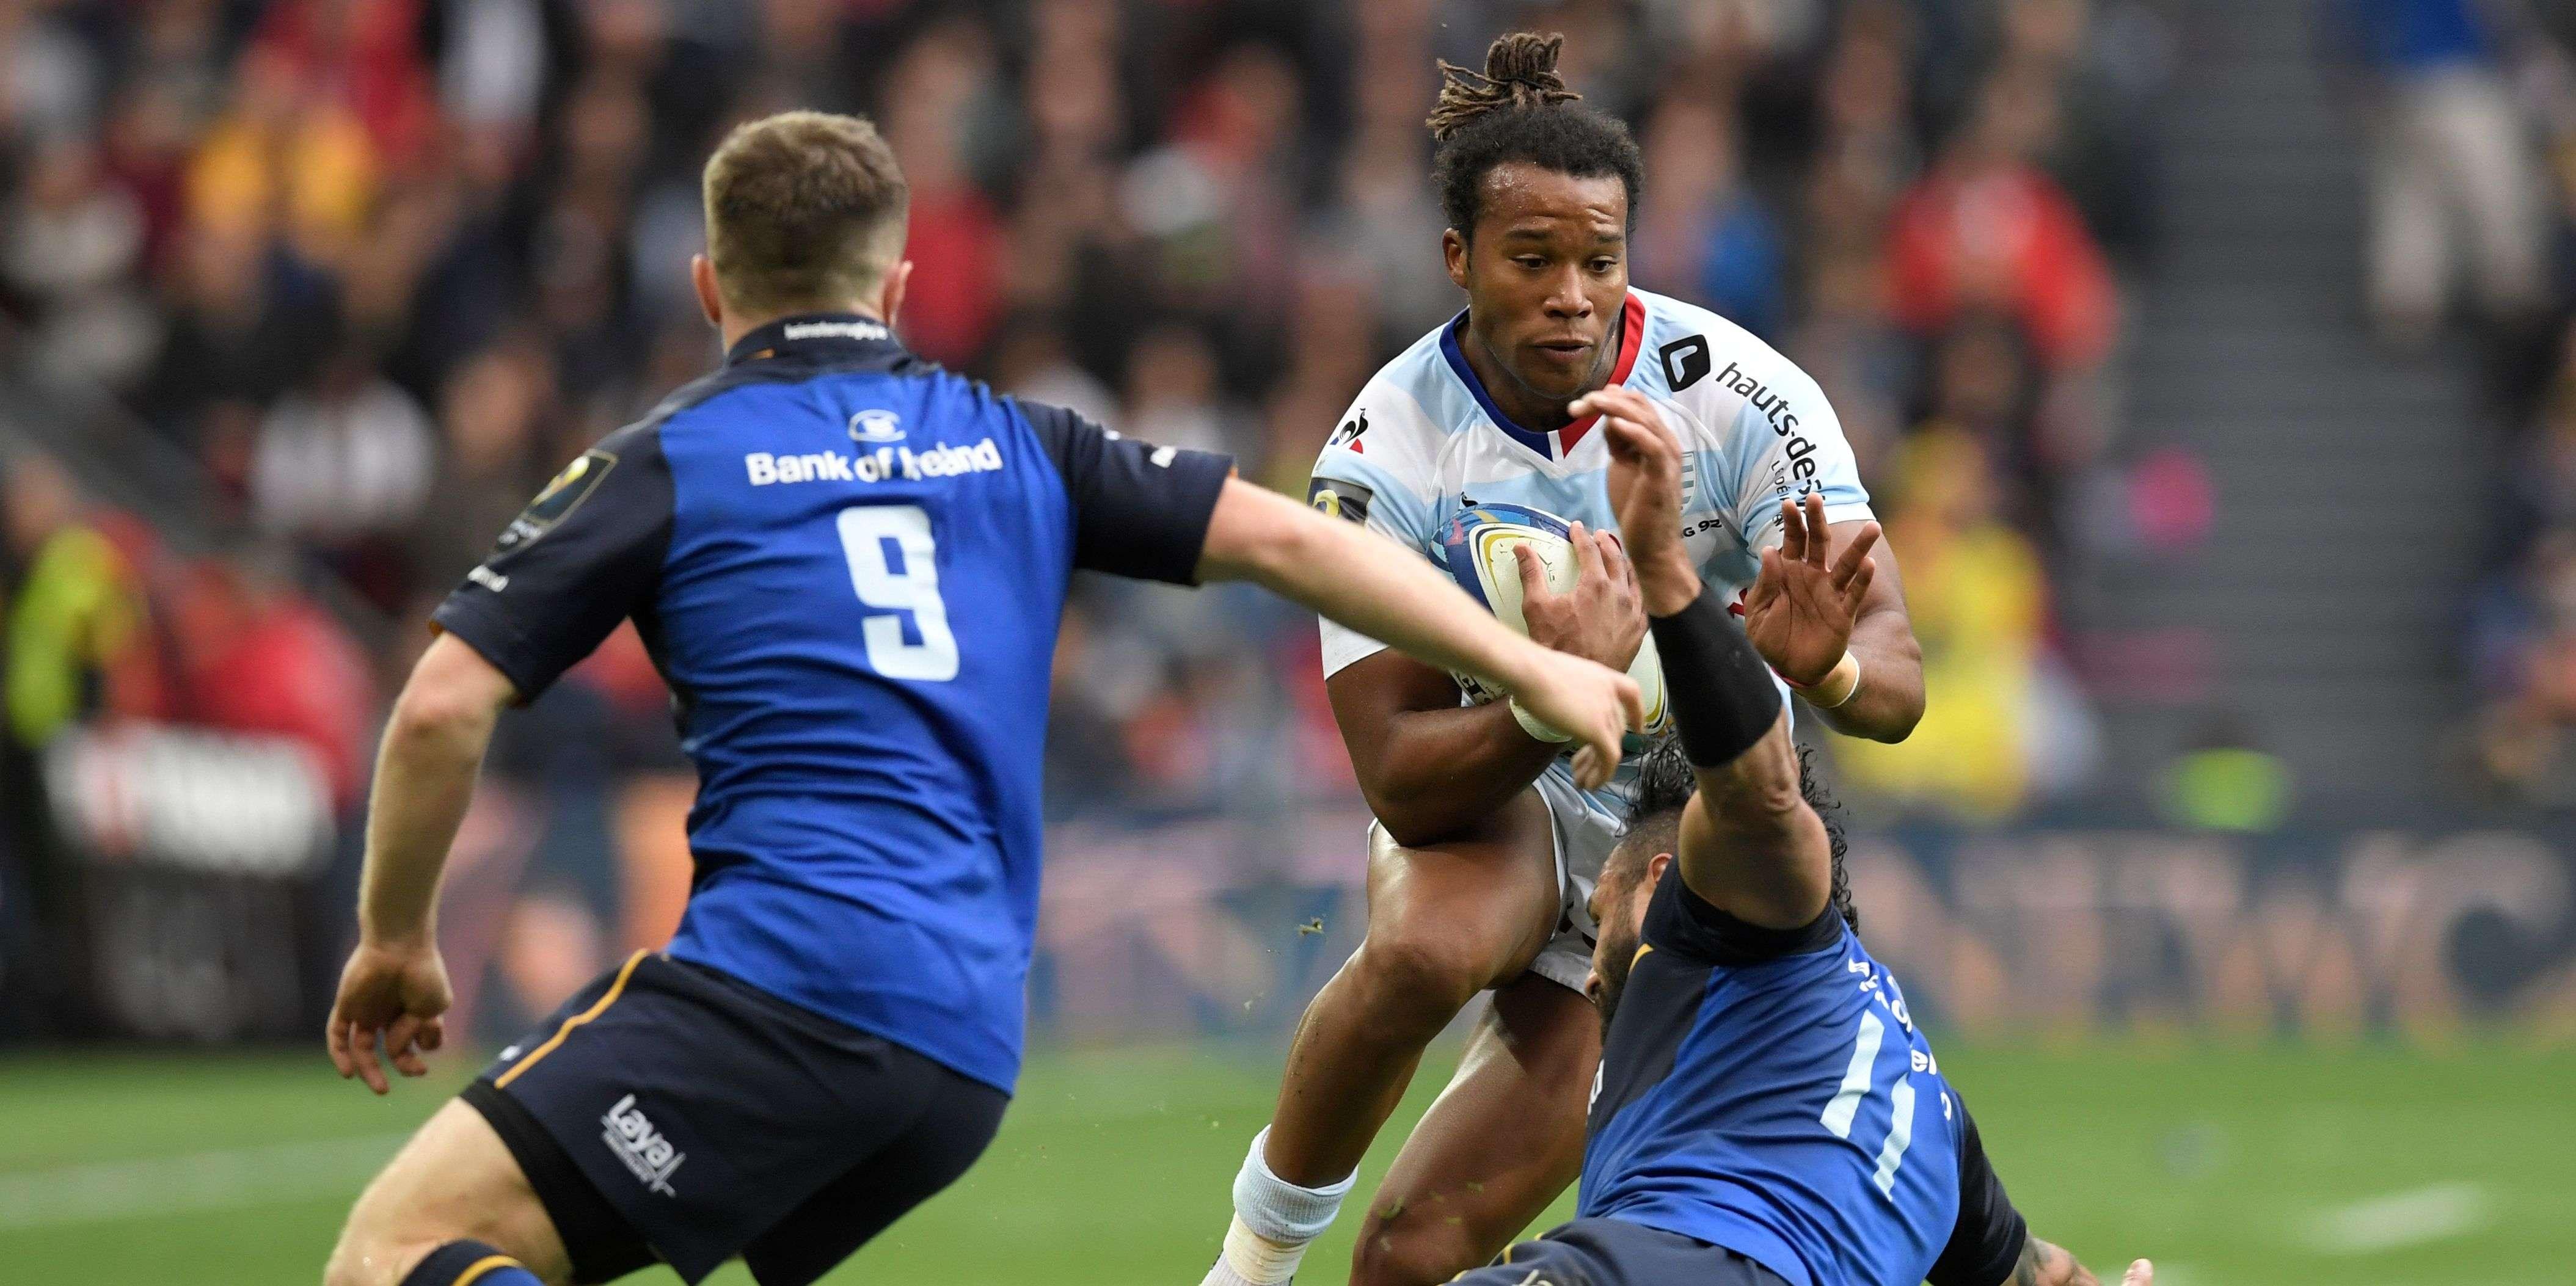 Rugby en direct racing 92 leinster une finale de coupe d europe serr e - Resultat coupe d europe de rugby en direct ...